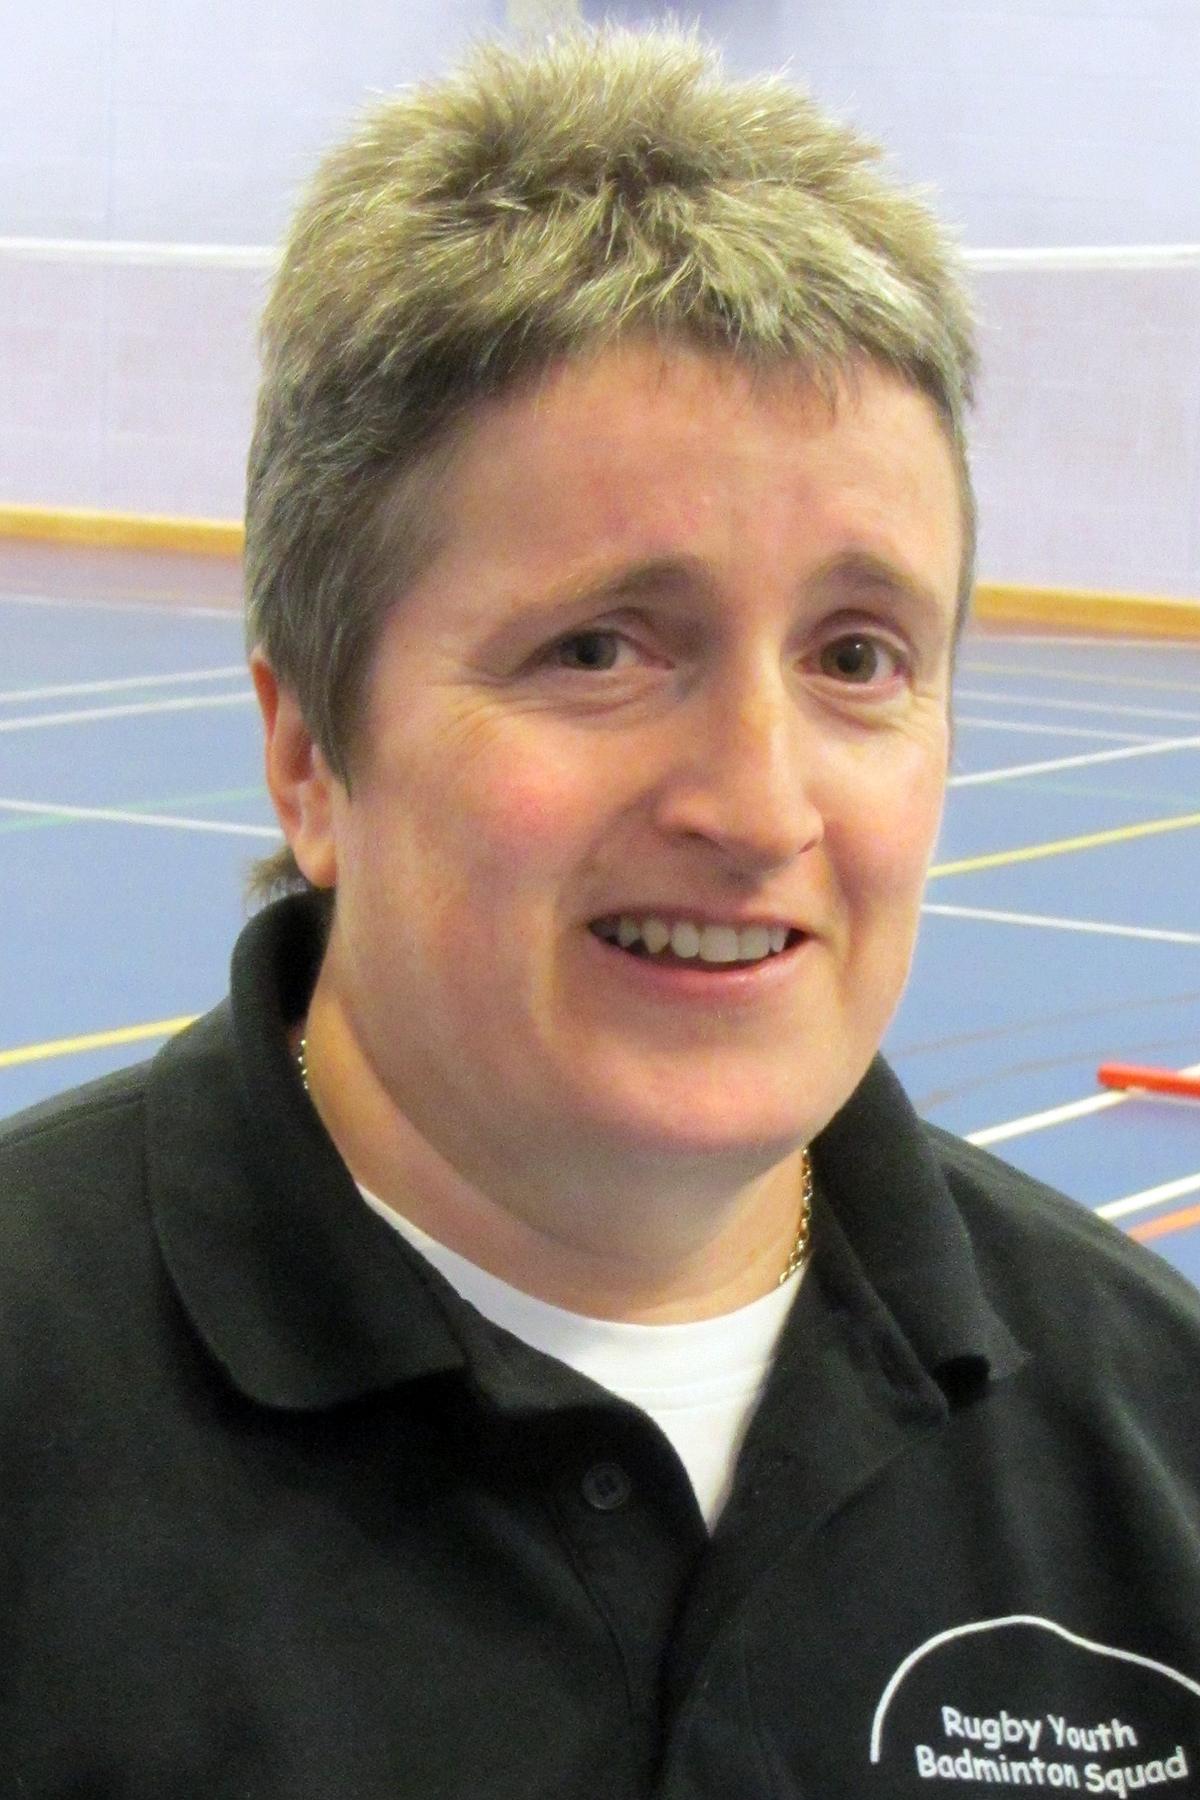 Audrey Deeley